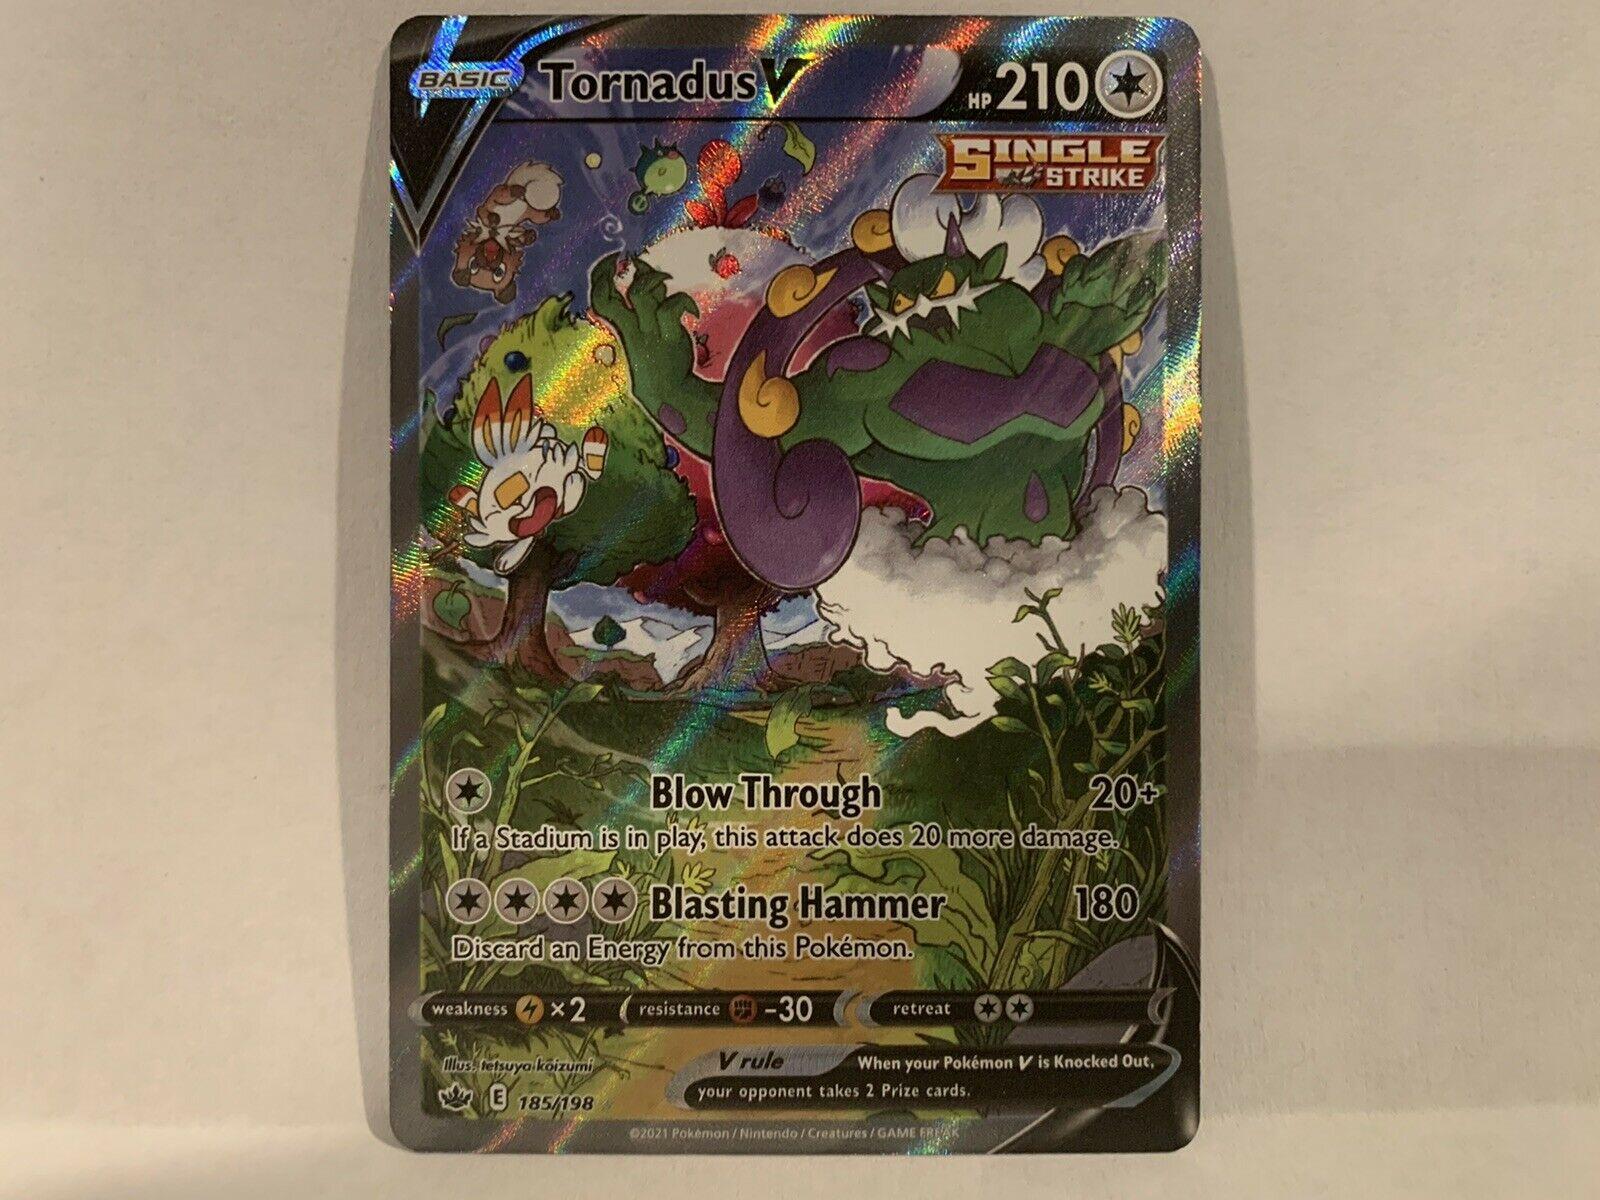 Pokemon TCG Chilling Reign Tornadus V Alternative alt full art 185/198 NM/M